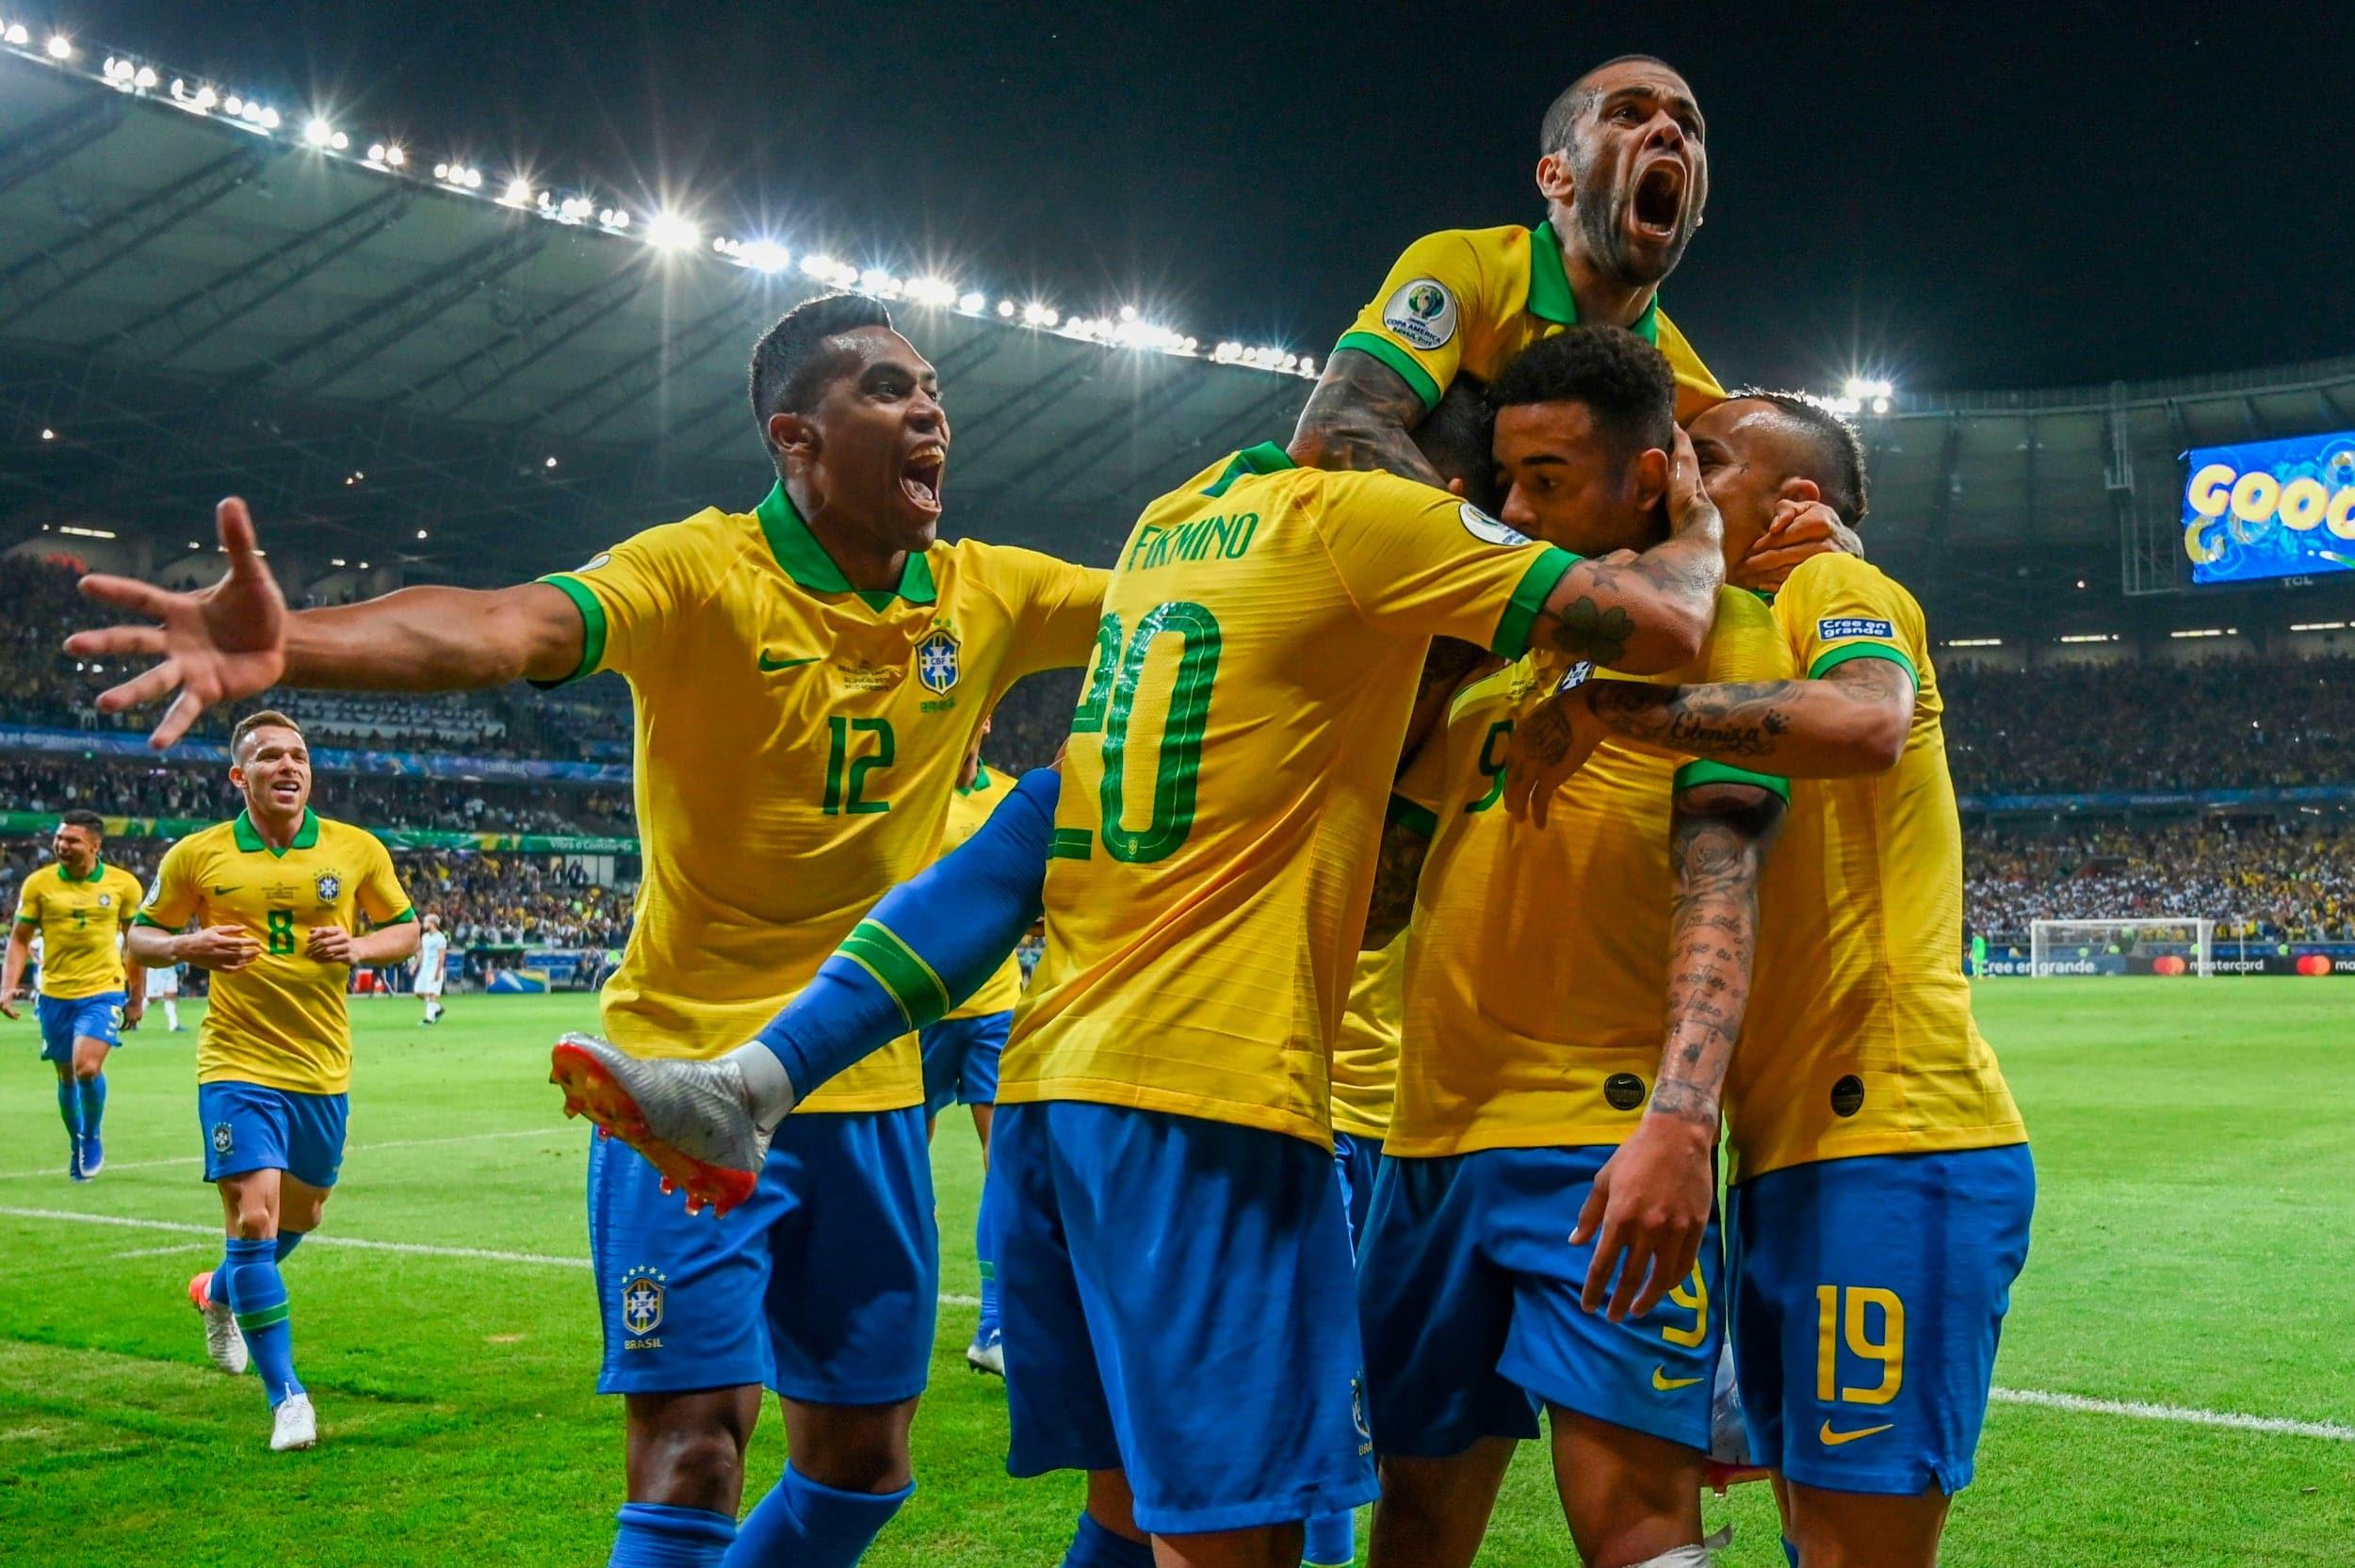 วิเคราะห์ฟุตบอล โคปา อเมริกา 2019 | บราซิล vs เปรู 07/07/19